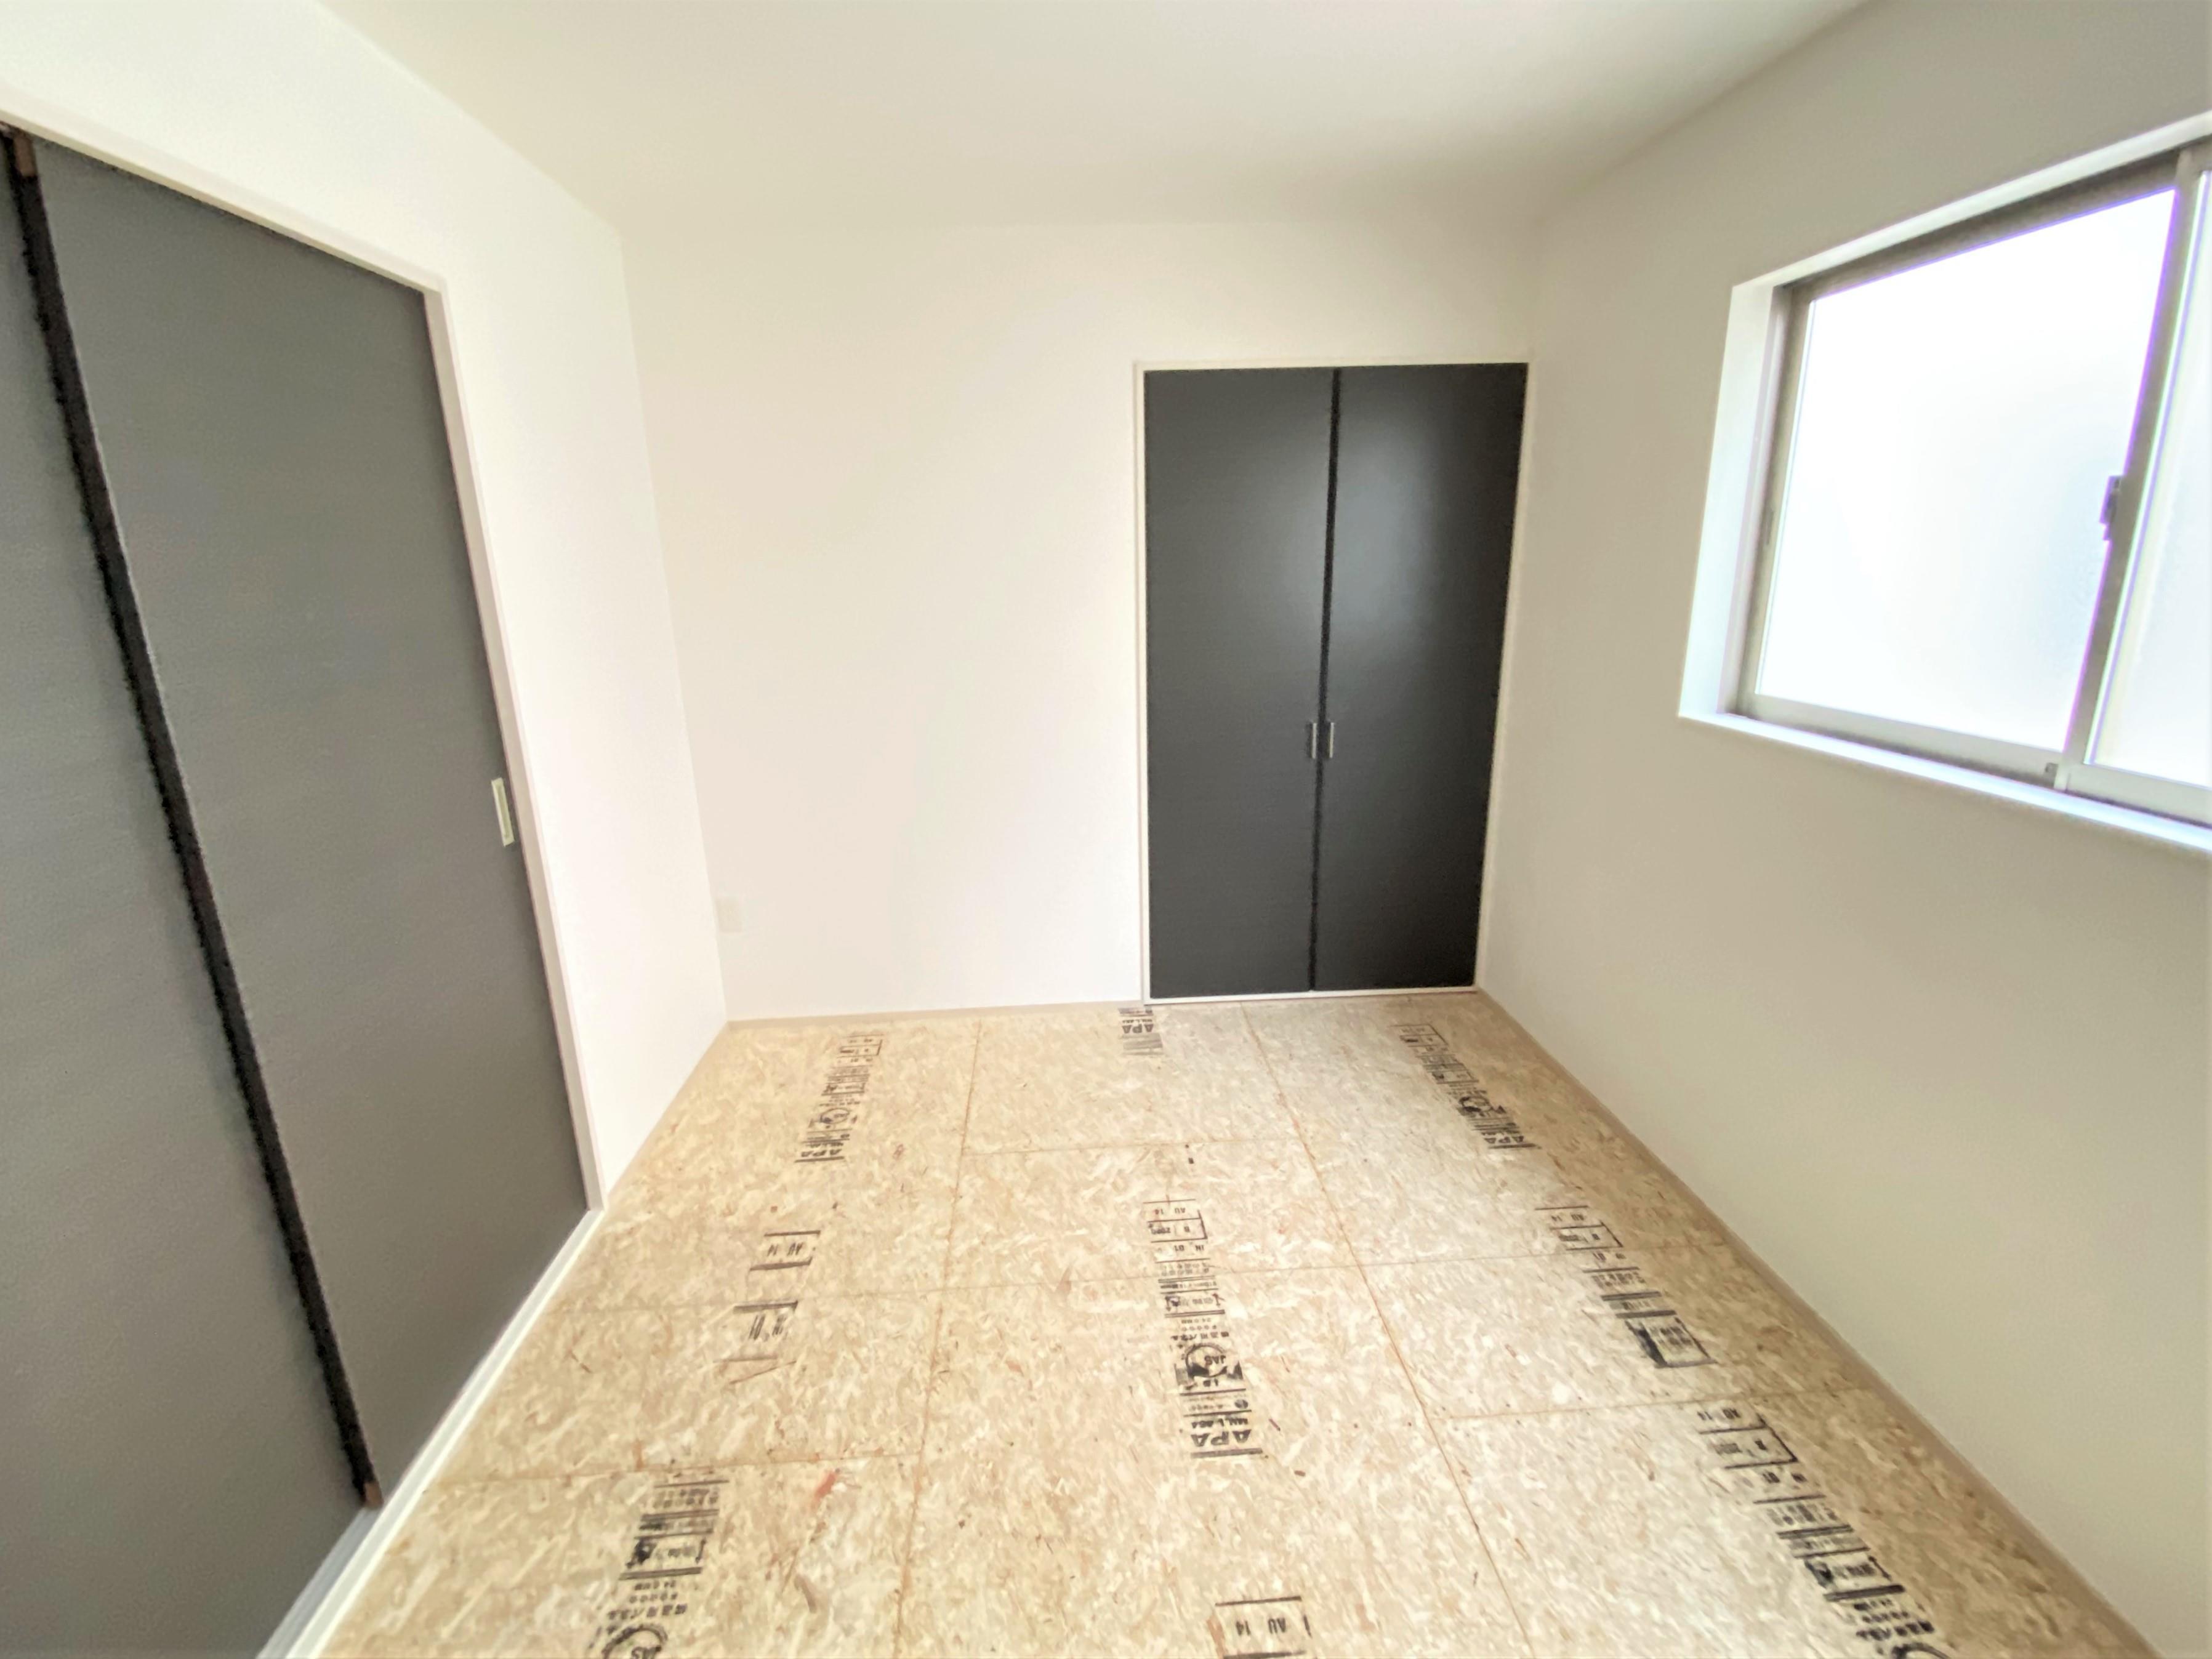 和室の押入れには、お布団や座布団をしまえるのでいつもすっきりとした和室が実現します♪